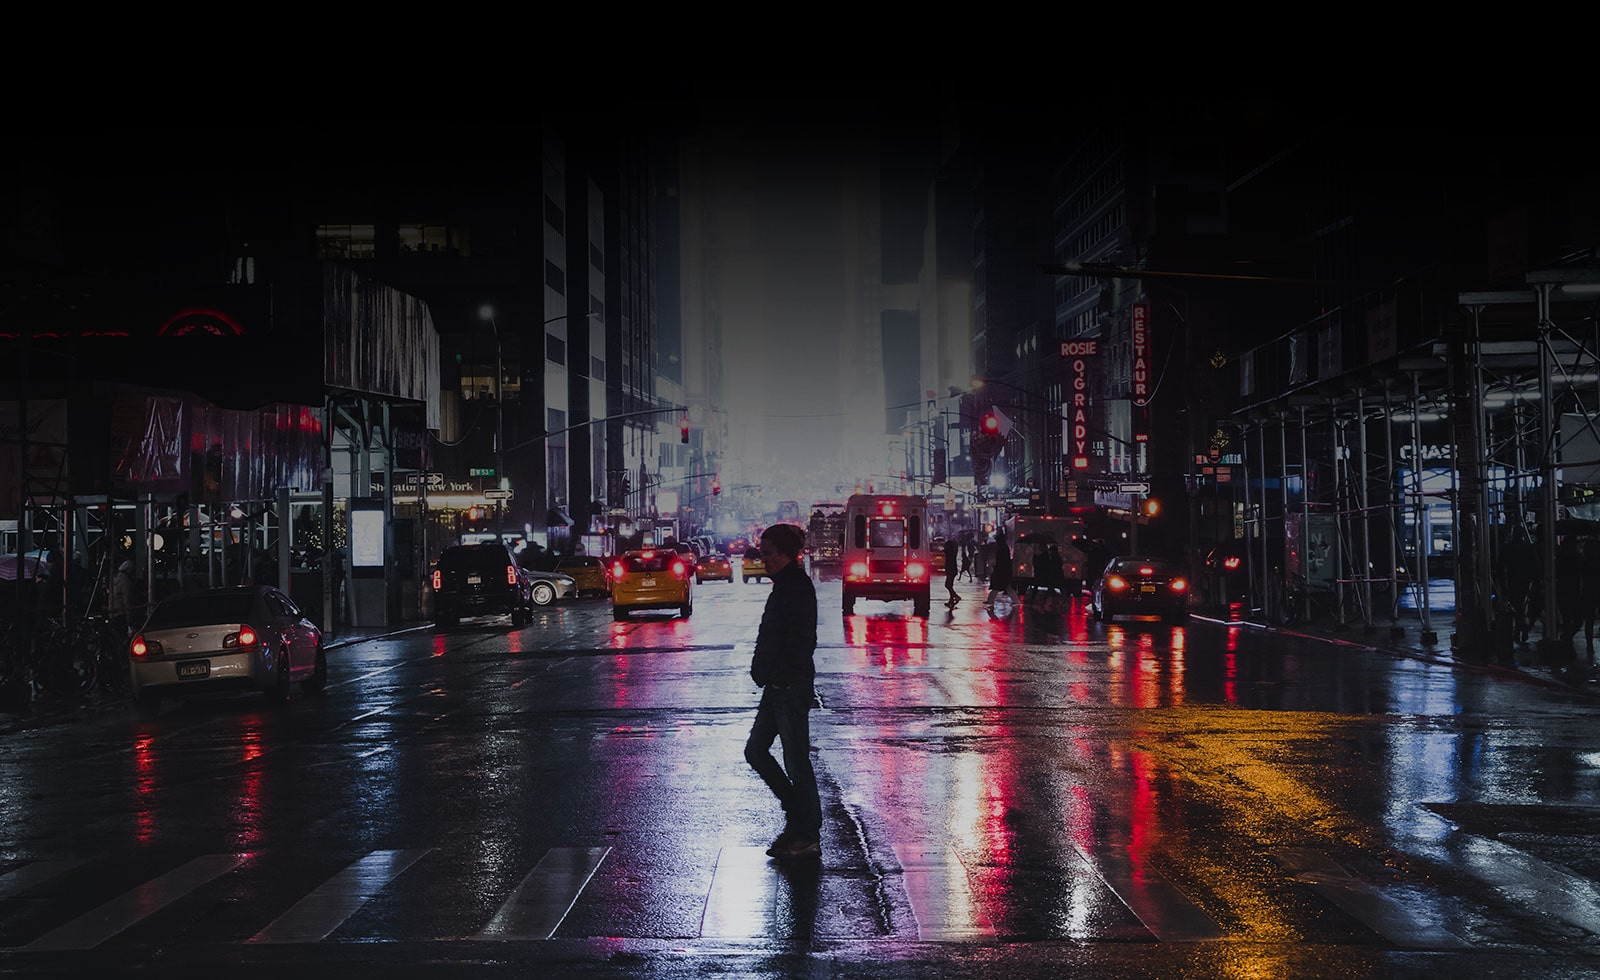 OLED Display LG TV Perfect Blacks City Streets